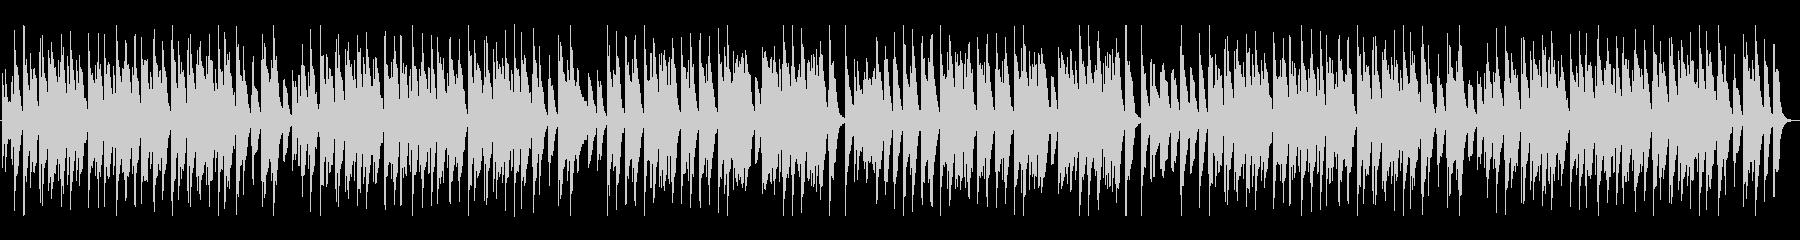 陽気な酒場のホンキートンクピアノの未再生の波形